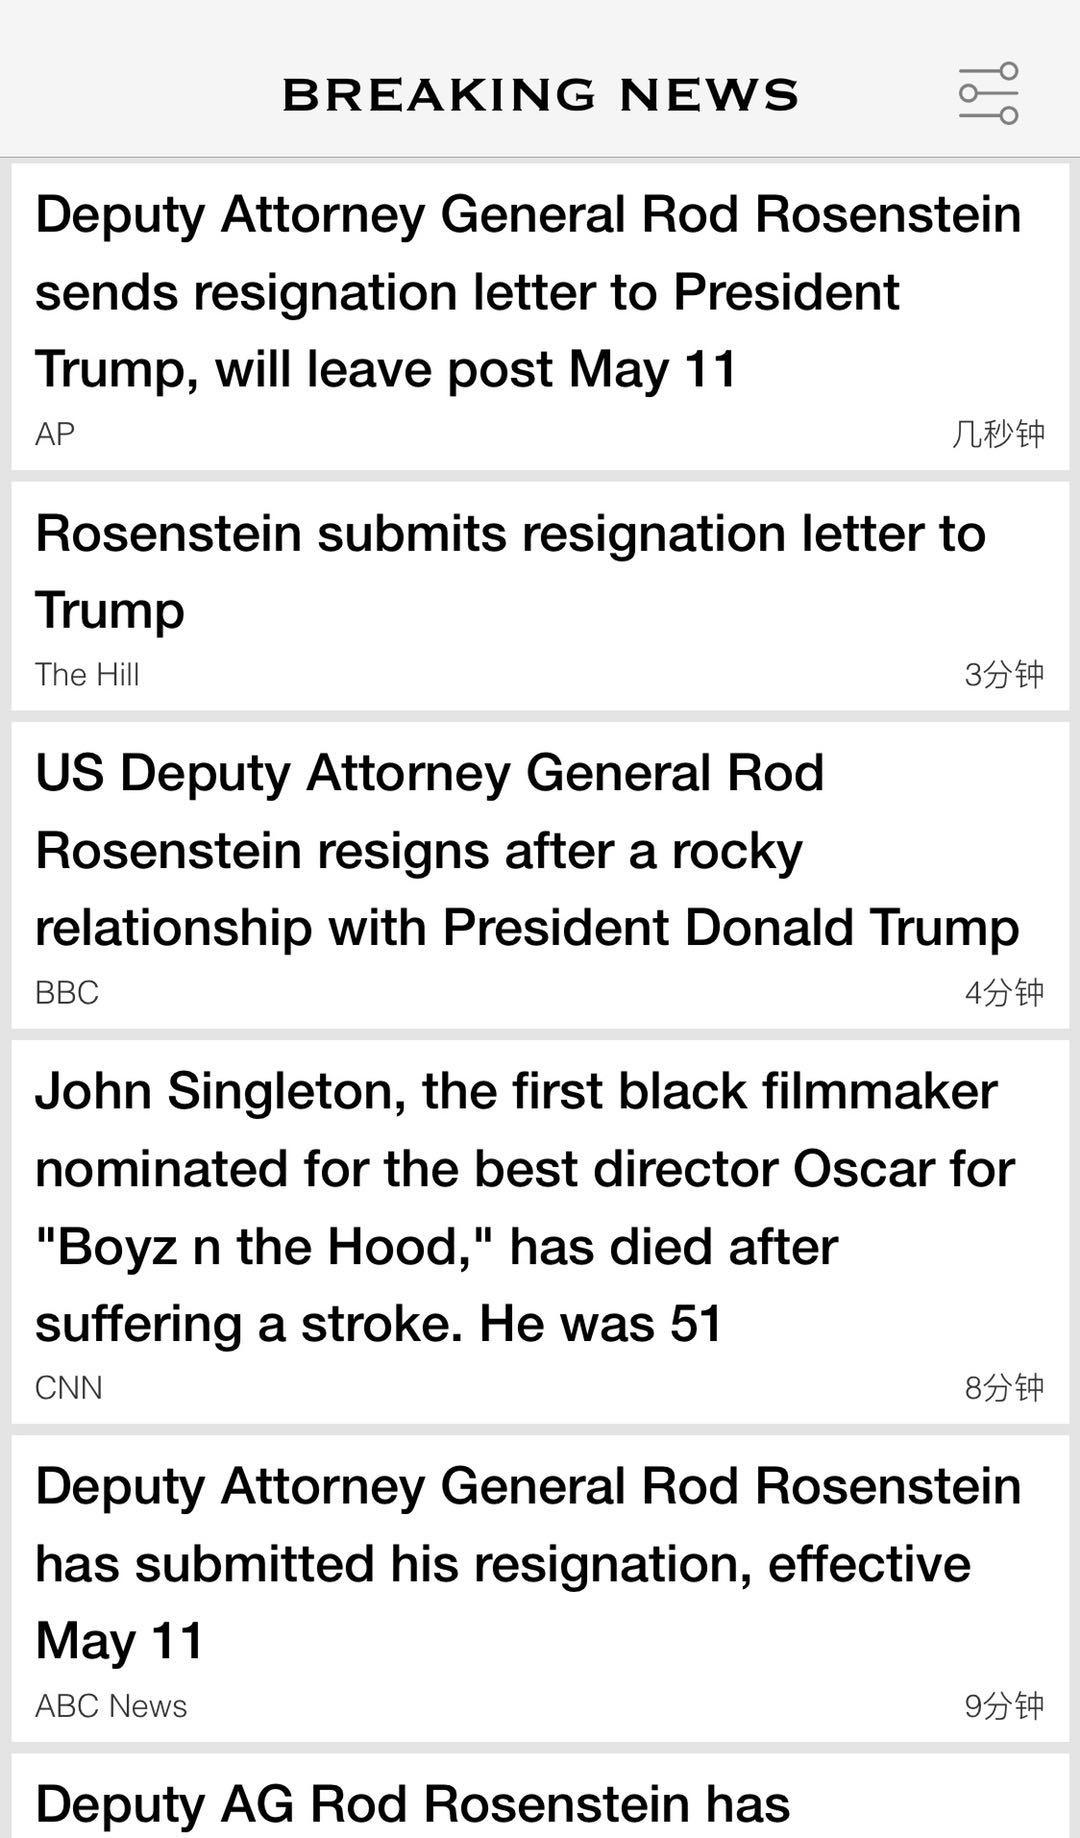 再走一个 美司法部副部长罗森斯坦向特朗普递交辞呈